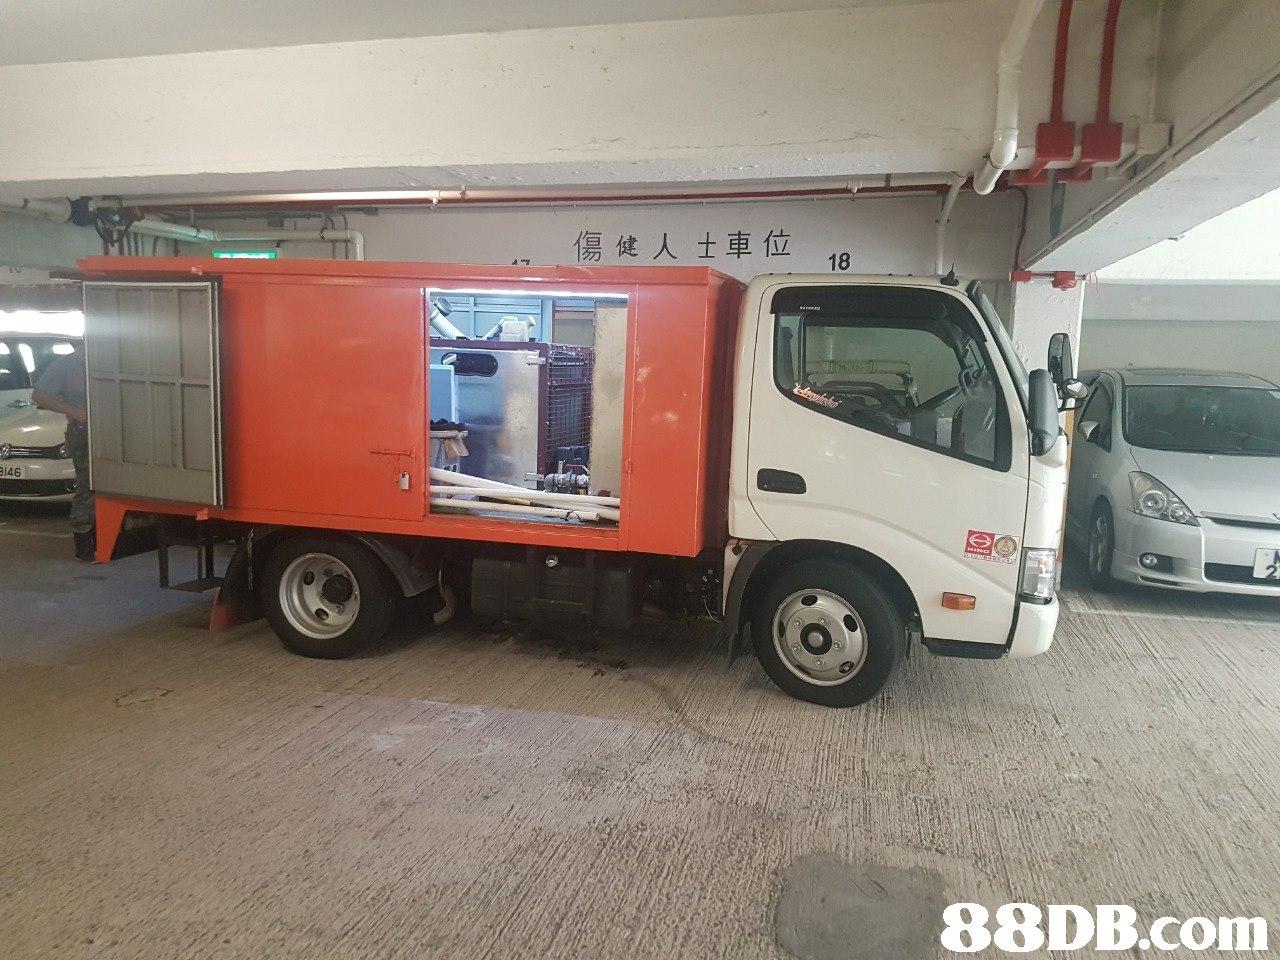 傷健人士車位 146   transport,vehicle,motor vehicle,truck,commercial vehicle